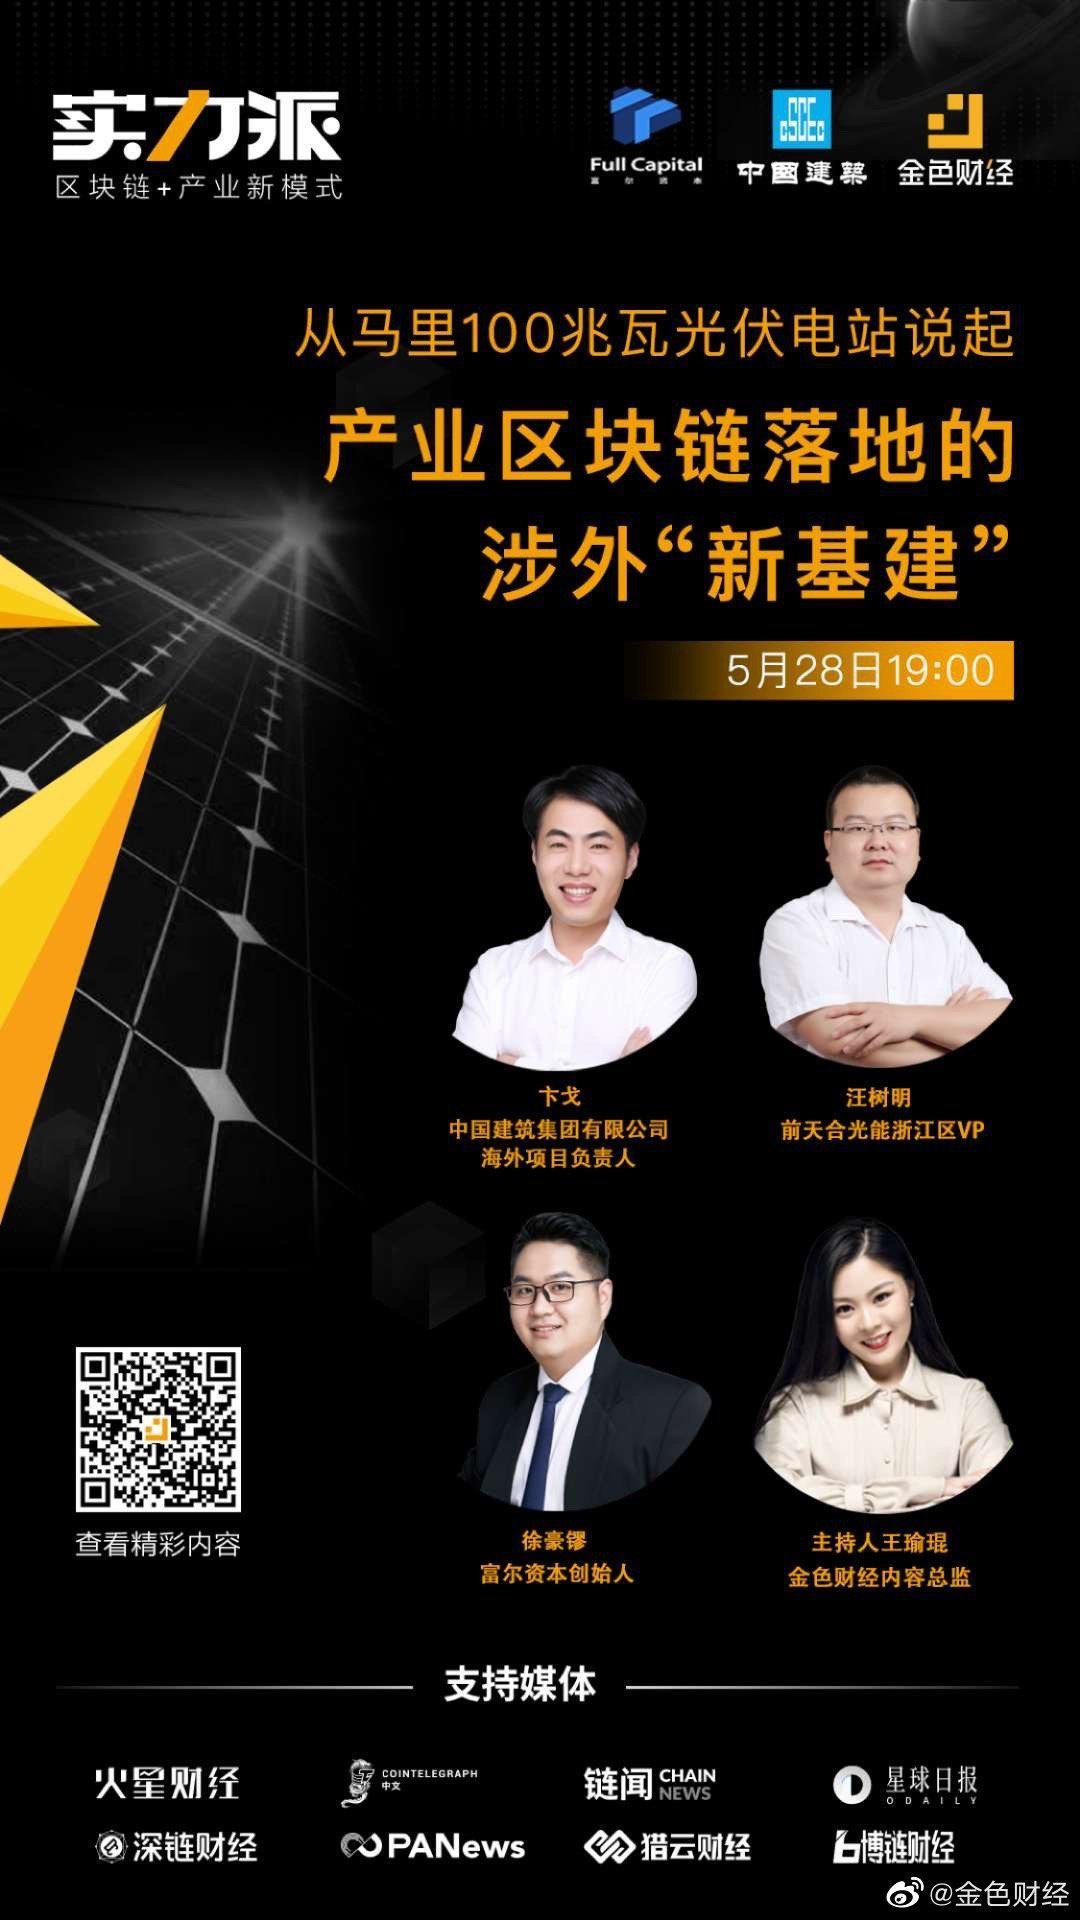 时间: 事件:金色财经邀请到中国建筑集团有限公司海外项目负责